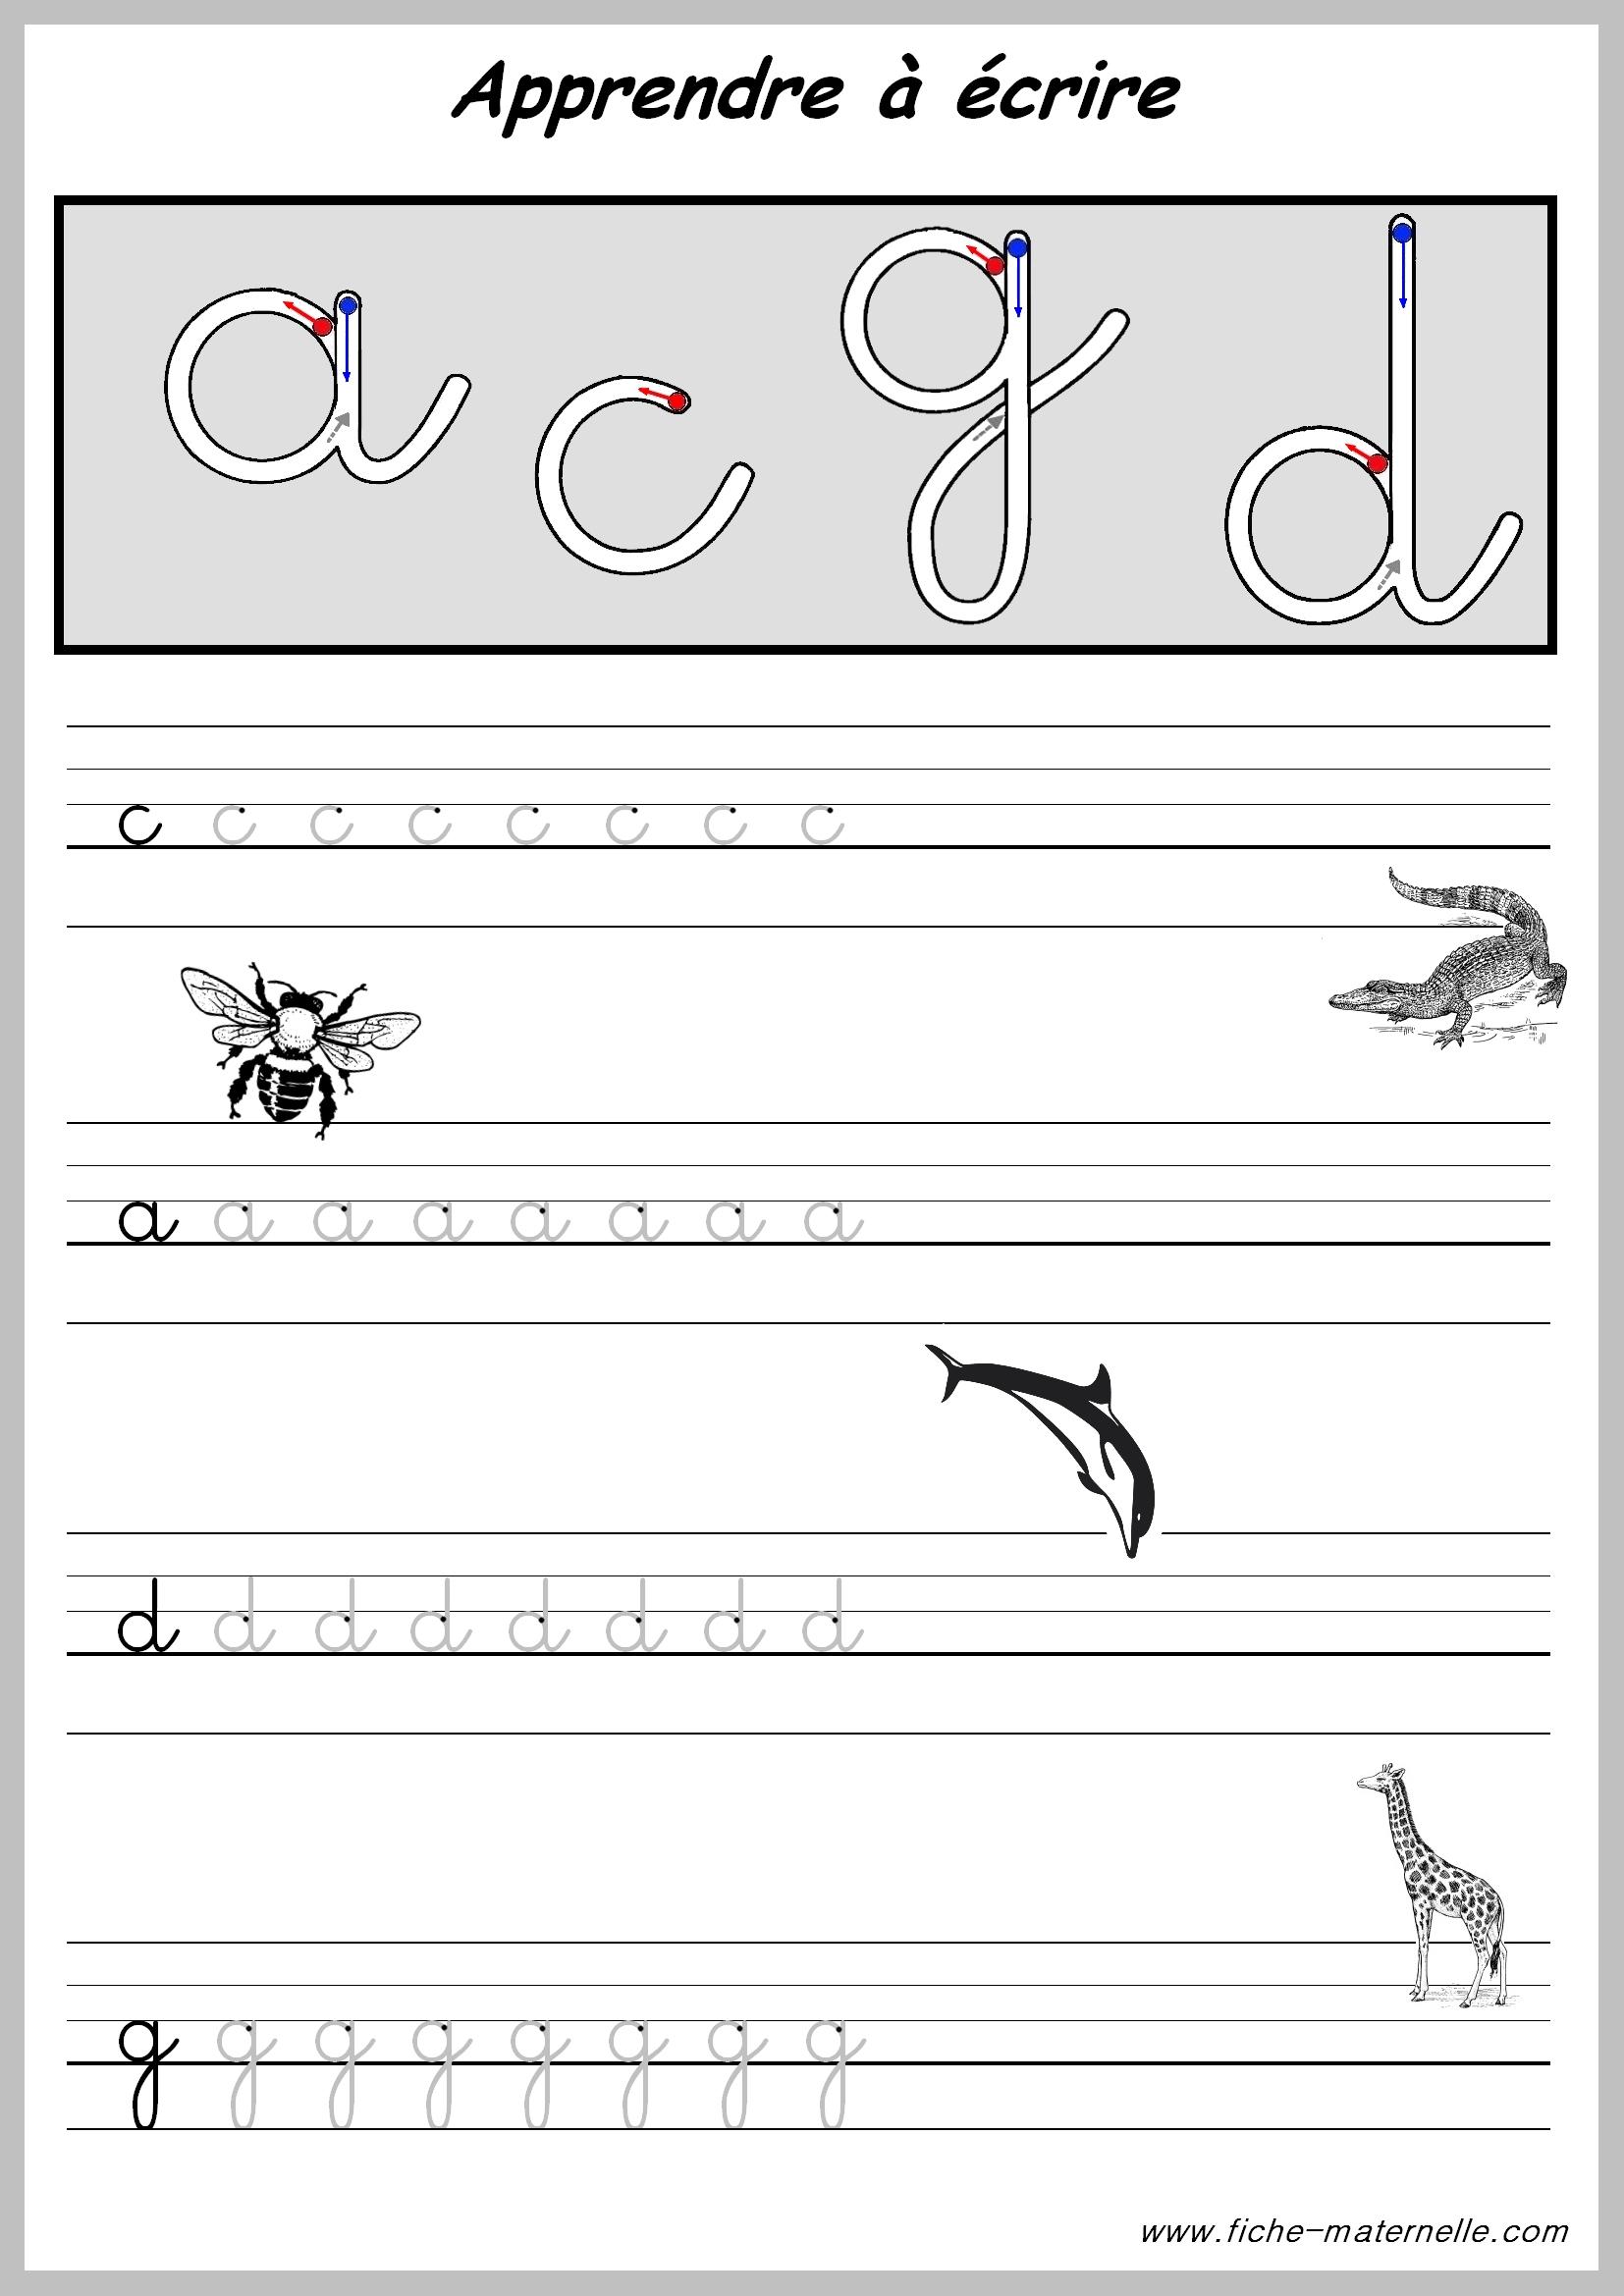 Exercices Pour Apprendre A Ecrire. serapportantà Apprendre A Écrire Les Lettres